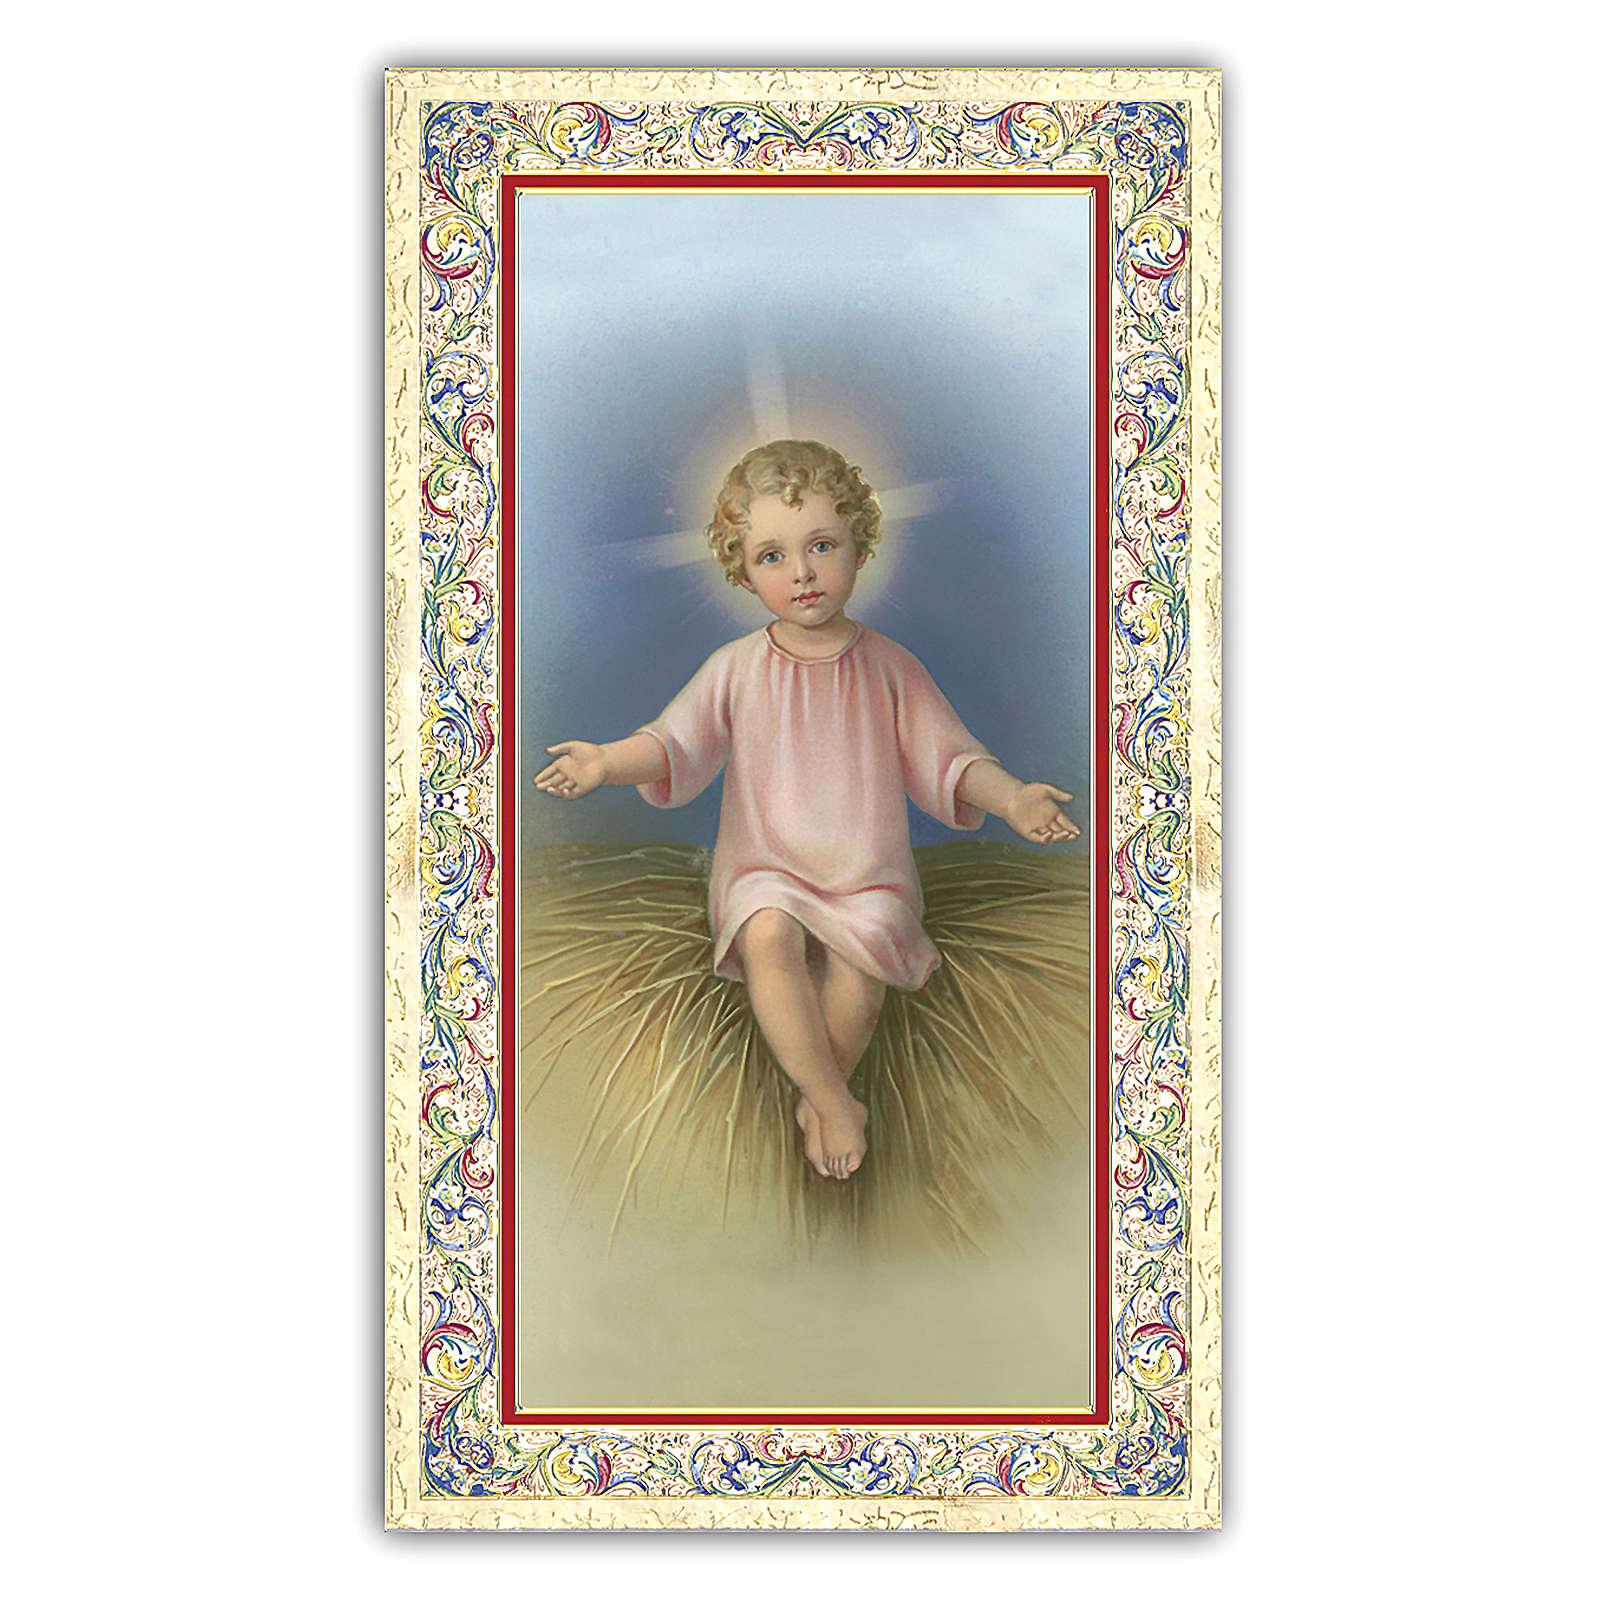 Santino Gesù Bambino nella mangiatoia 10x5 cm ITA 4